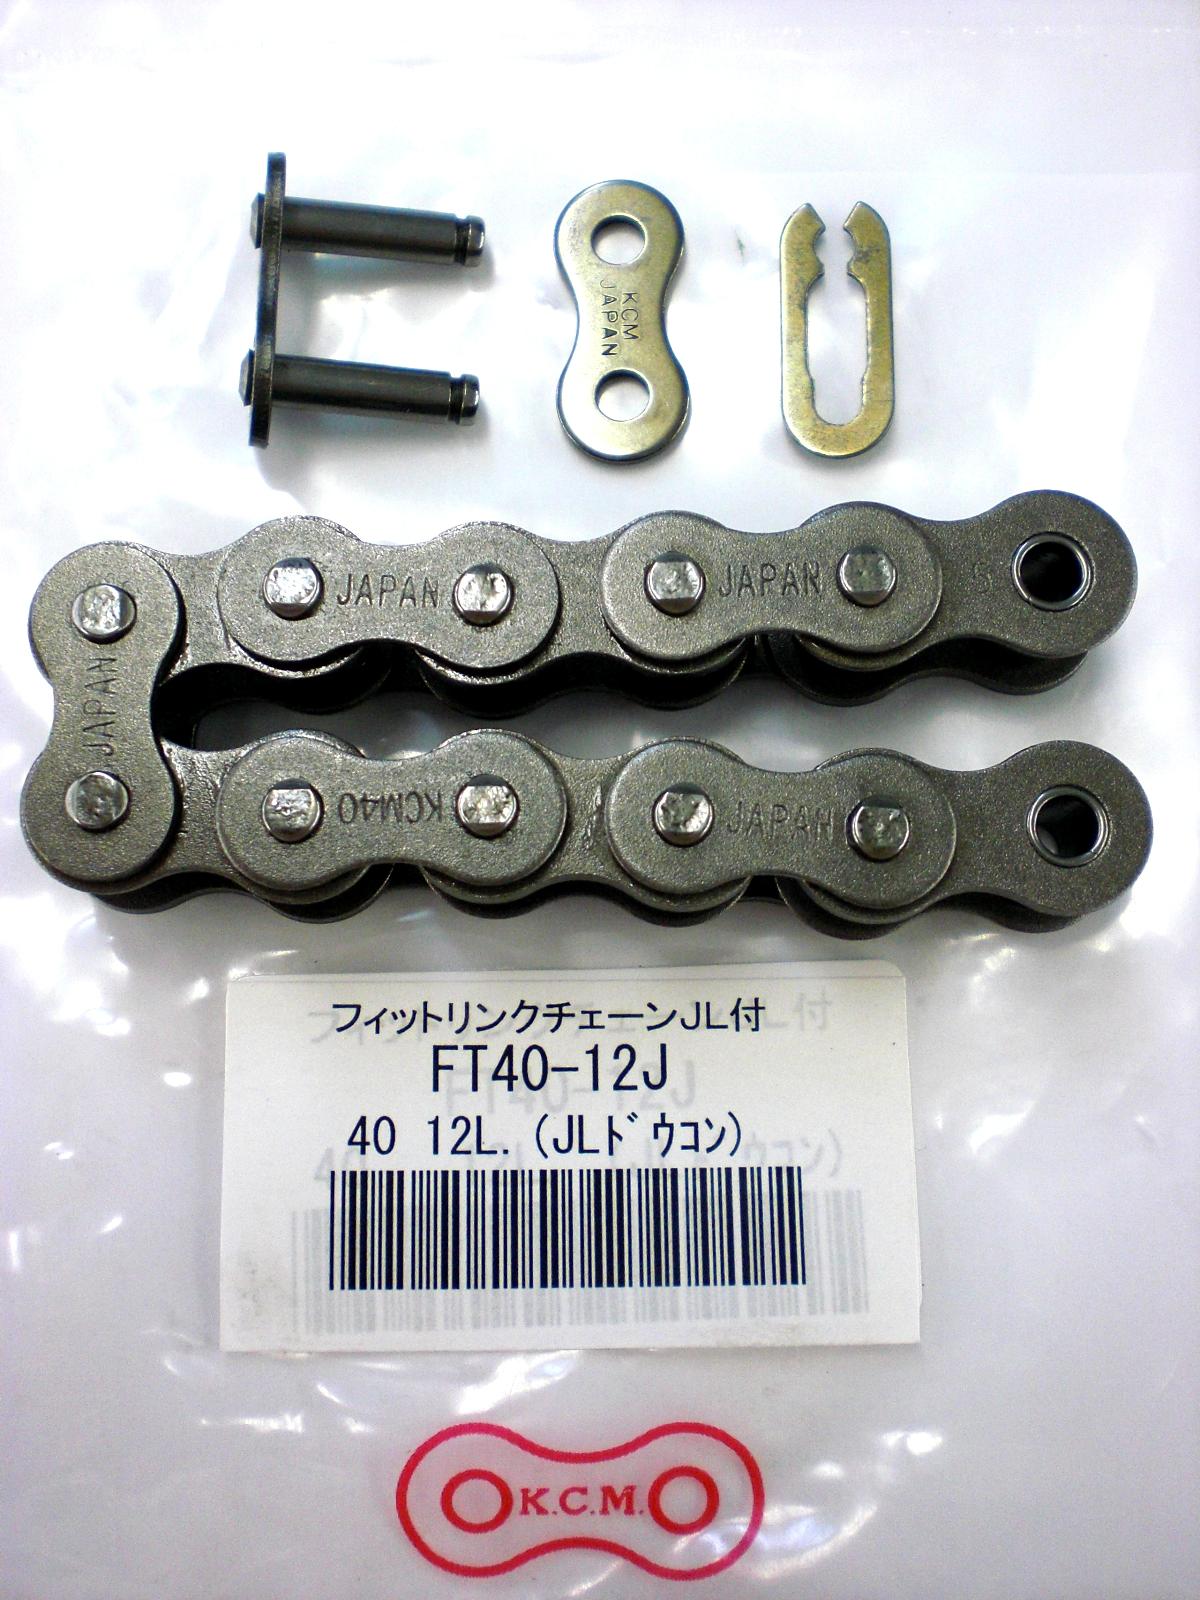 04_フィットリンク-1.JPG